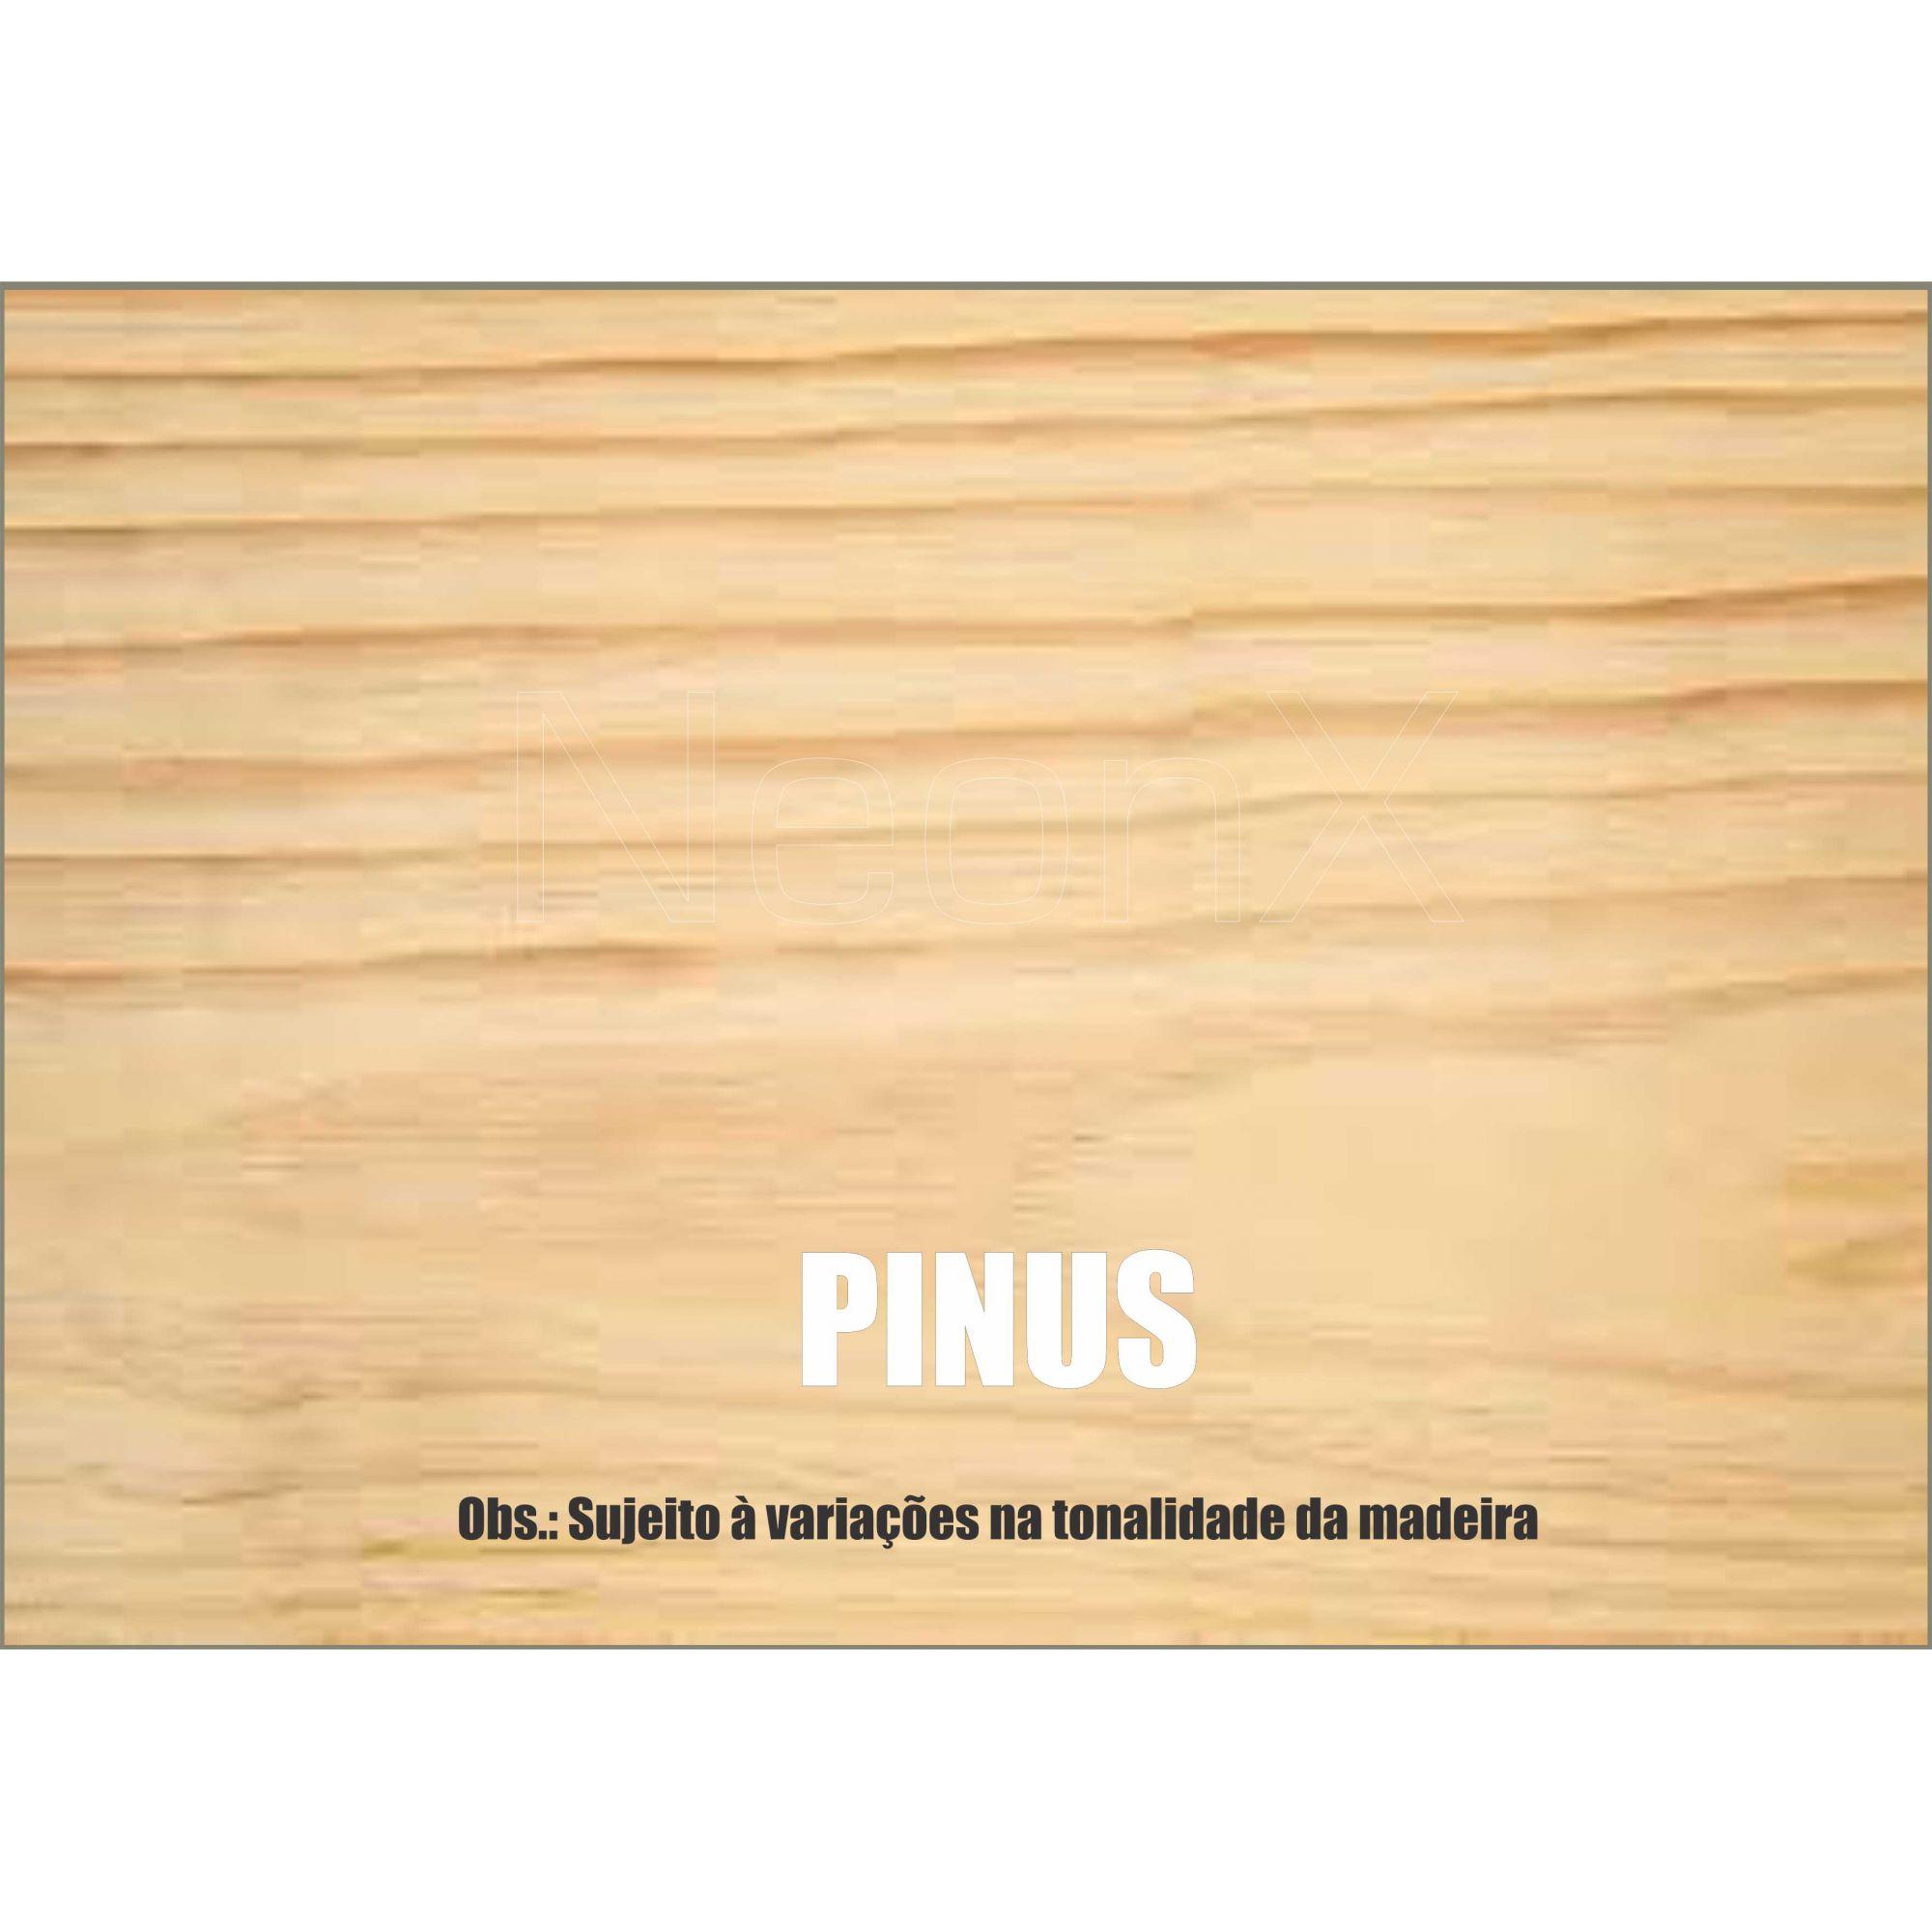 140 Un Ripa, Régua de Madeira 4x2x50 cm Aplainado NeonX